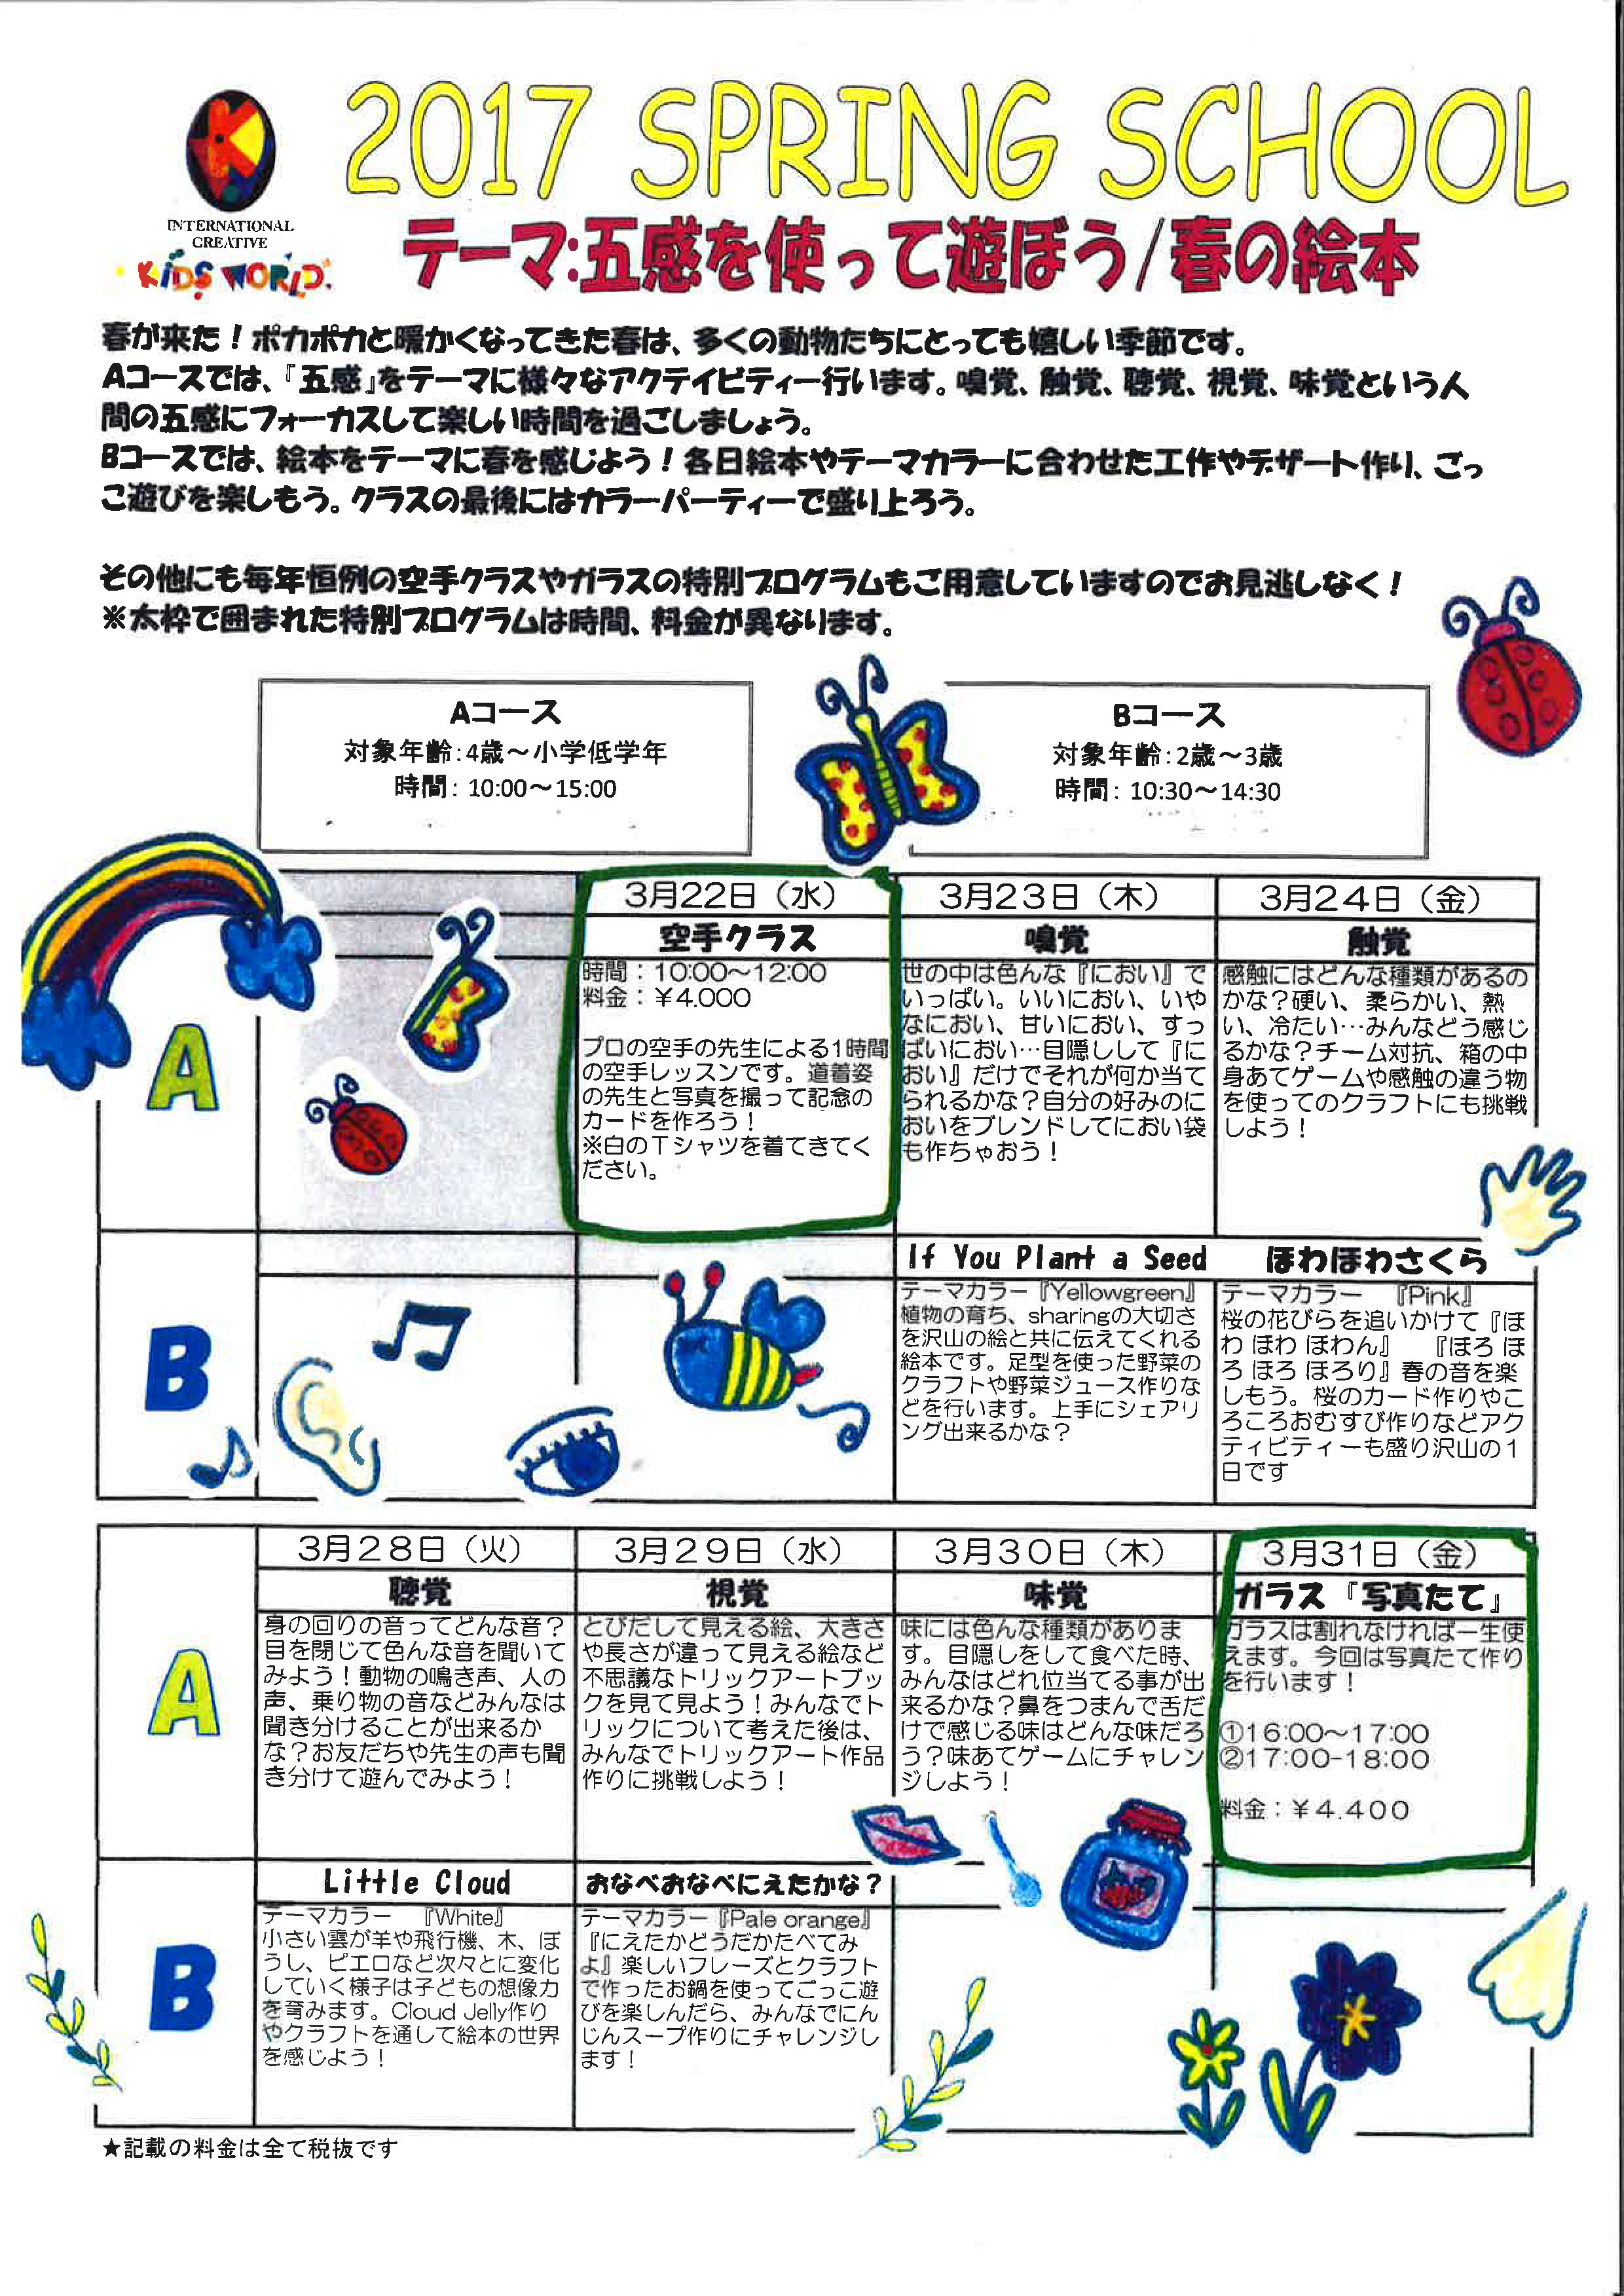 柿の木坂 スプリングスクール